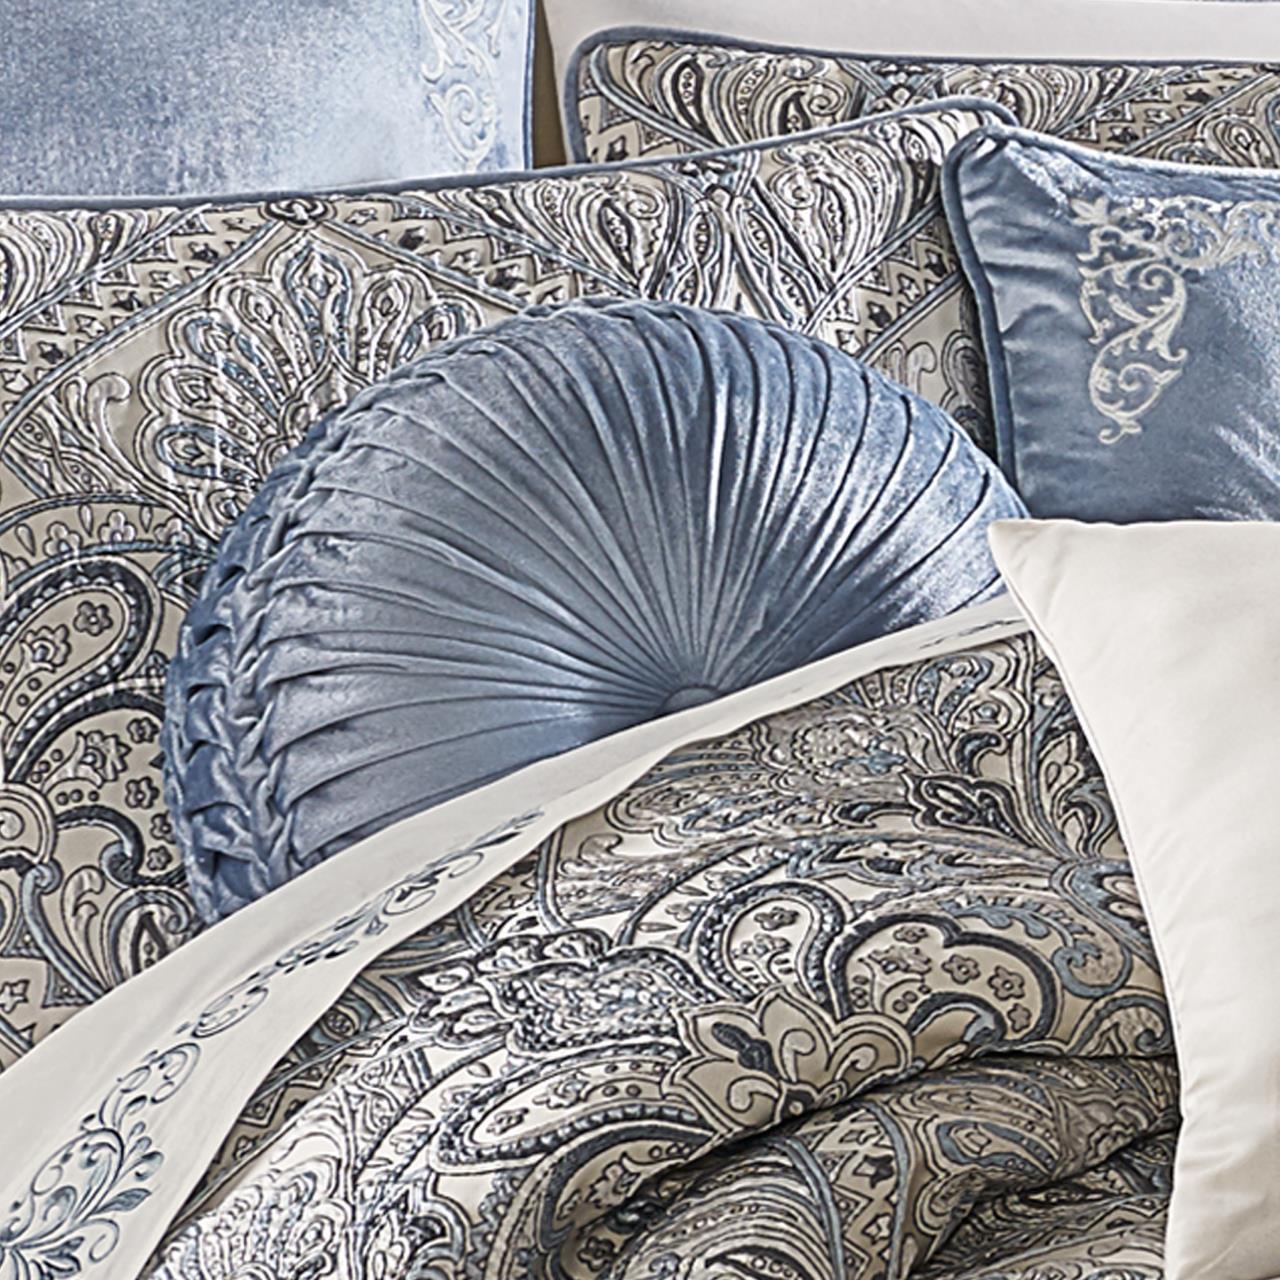 Alexis Powder Blue Tufted Round Pillow - 193842109625